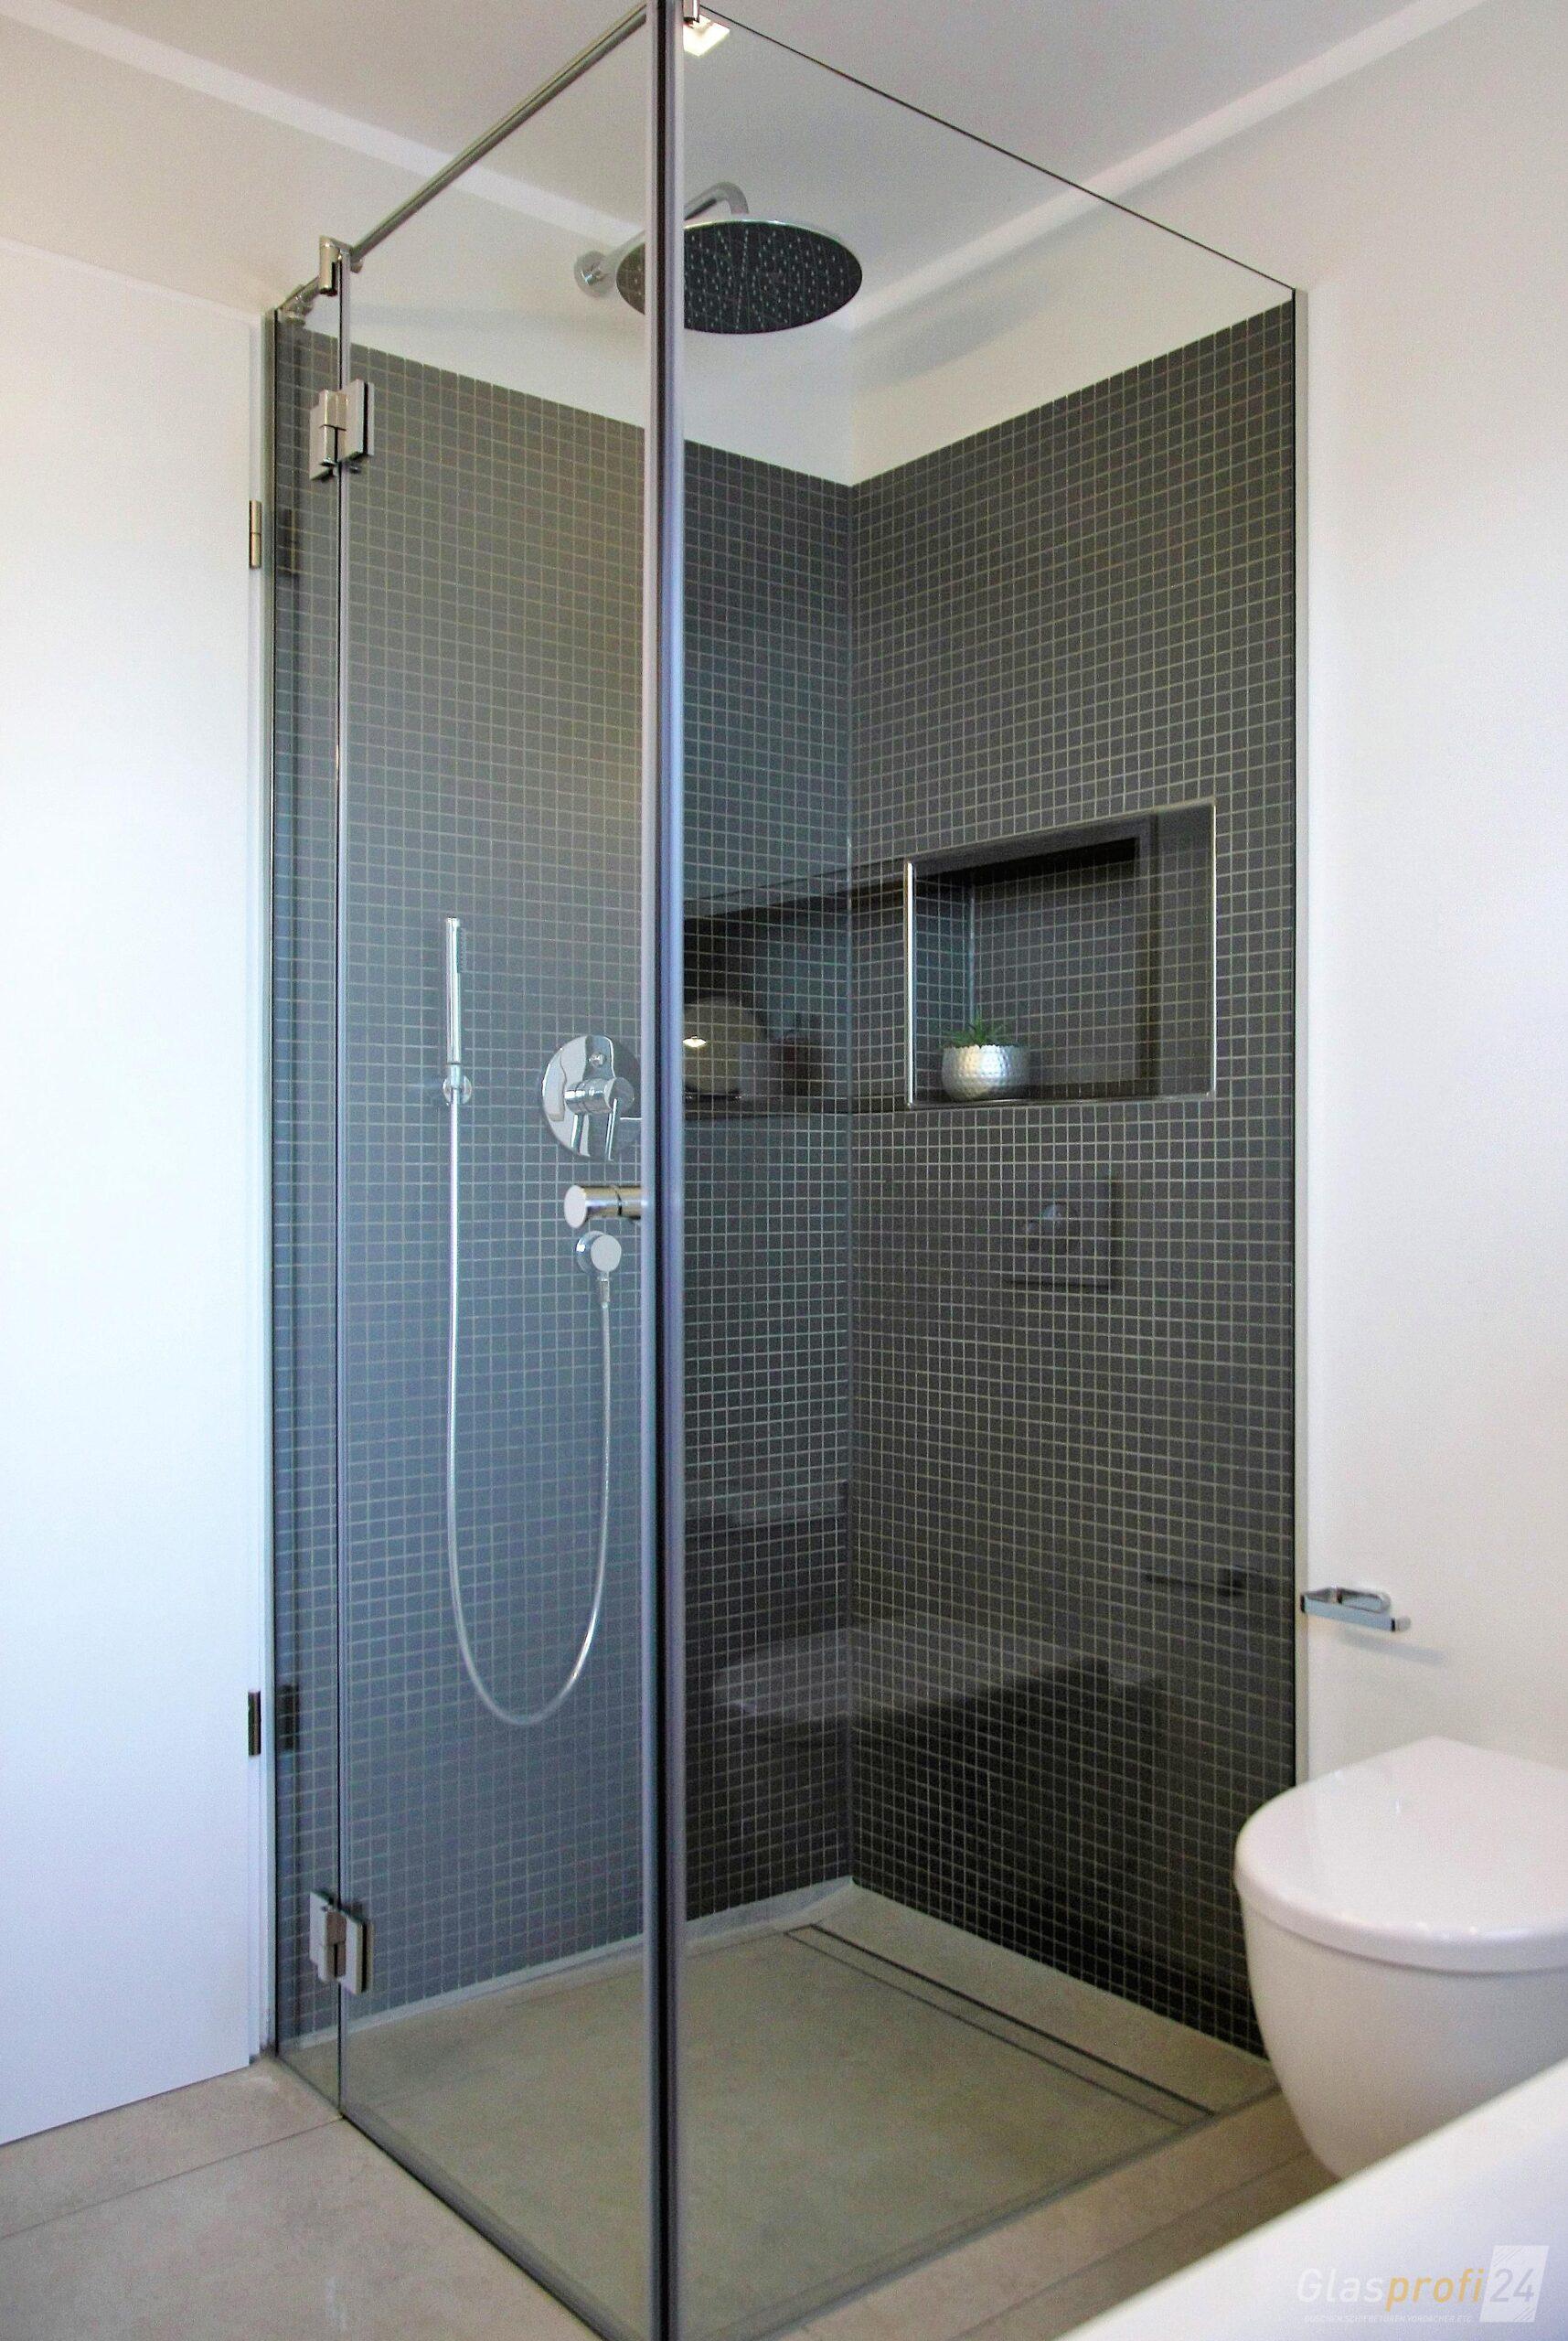 Full Size of Glasabtrennung Dusche Eckdusche Glaseckdusche Glasprofi24 Fliesen Behindertengerechte Nischentür 80x80 Für Ebenerdige Kosten Moderne Duschen Badewanne Dusche Glasabtrennung Dusche